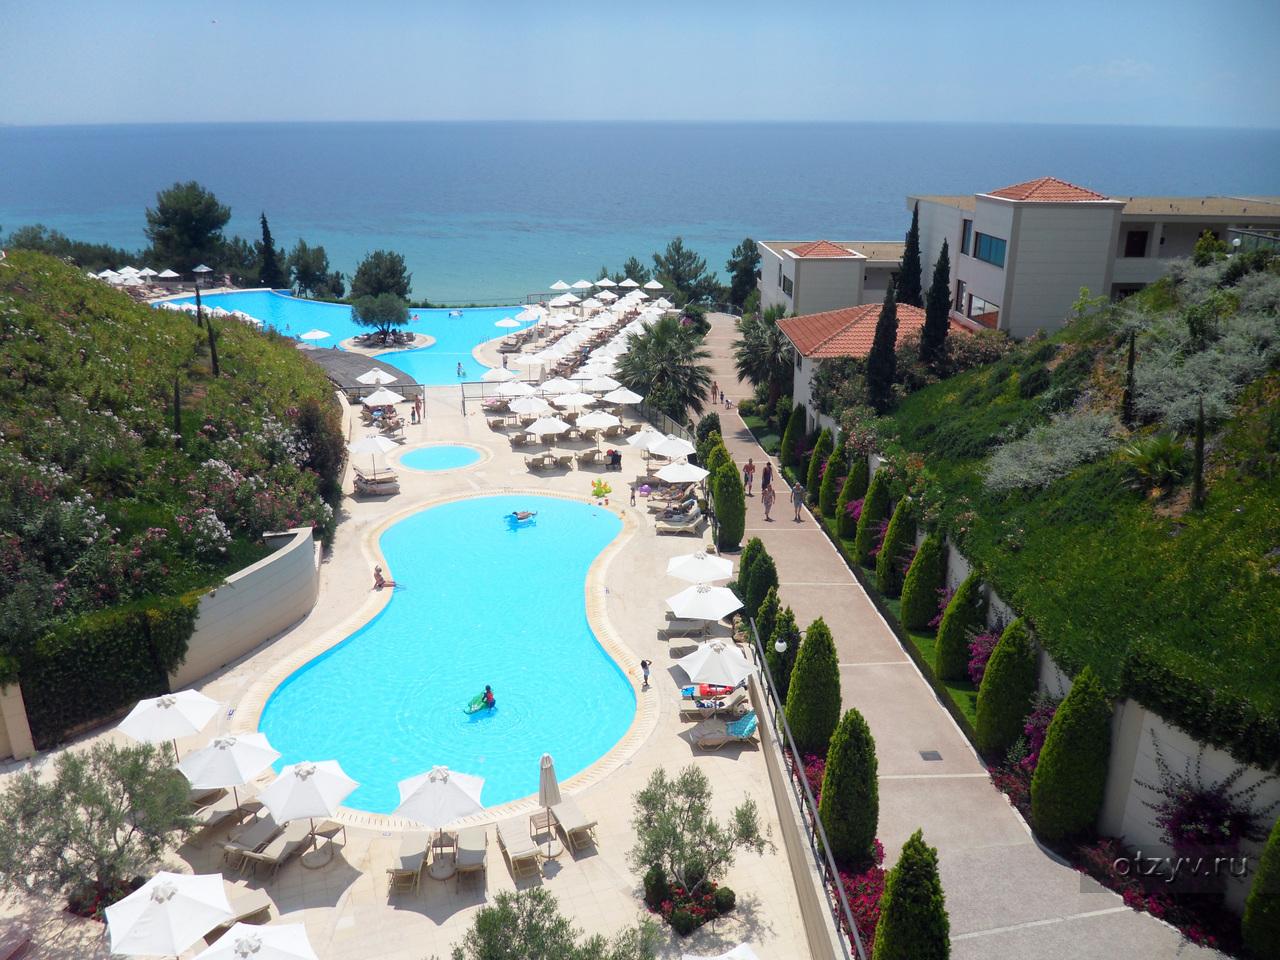 отель океания халкидики фото земляки